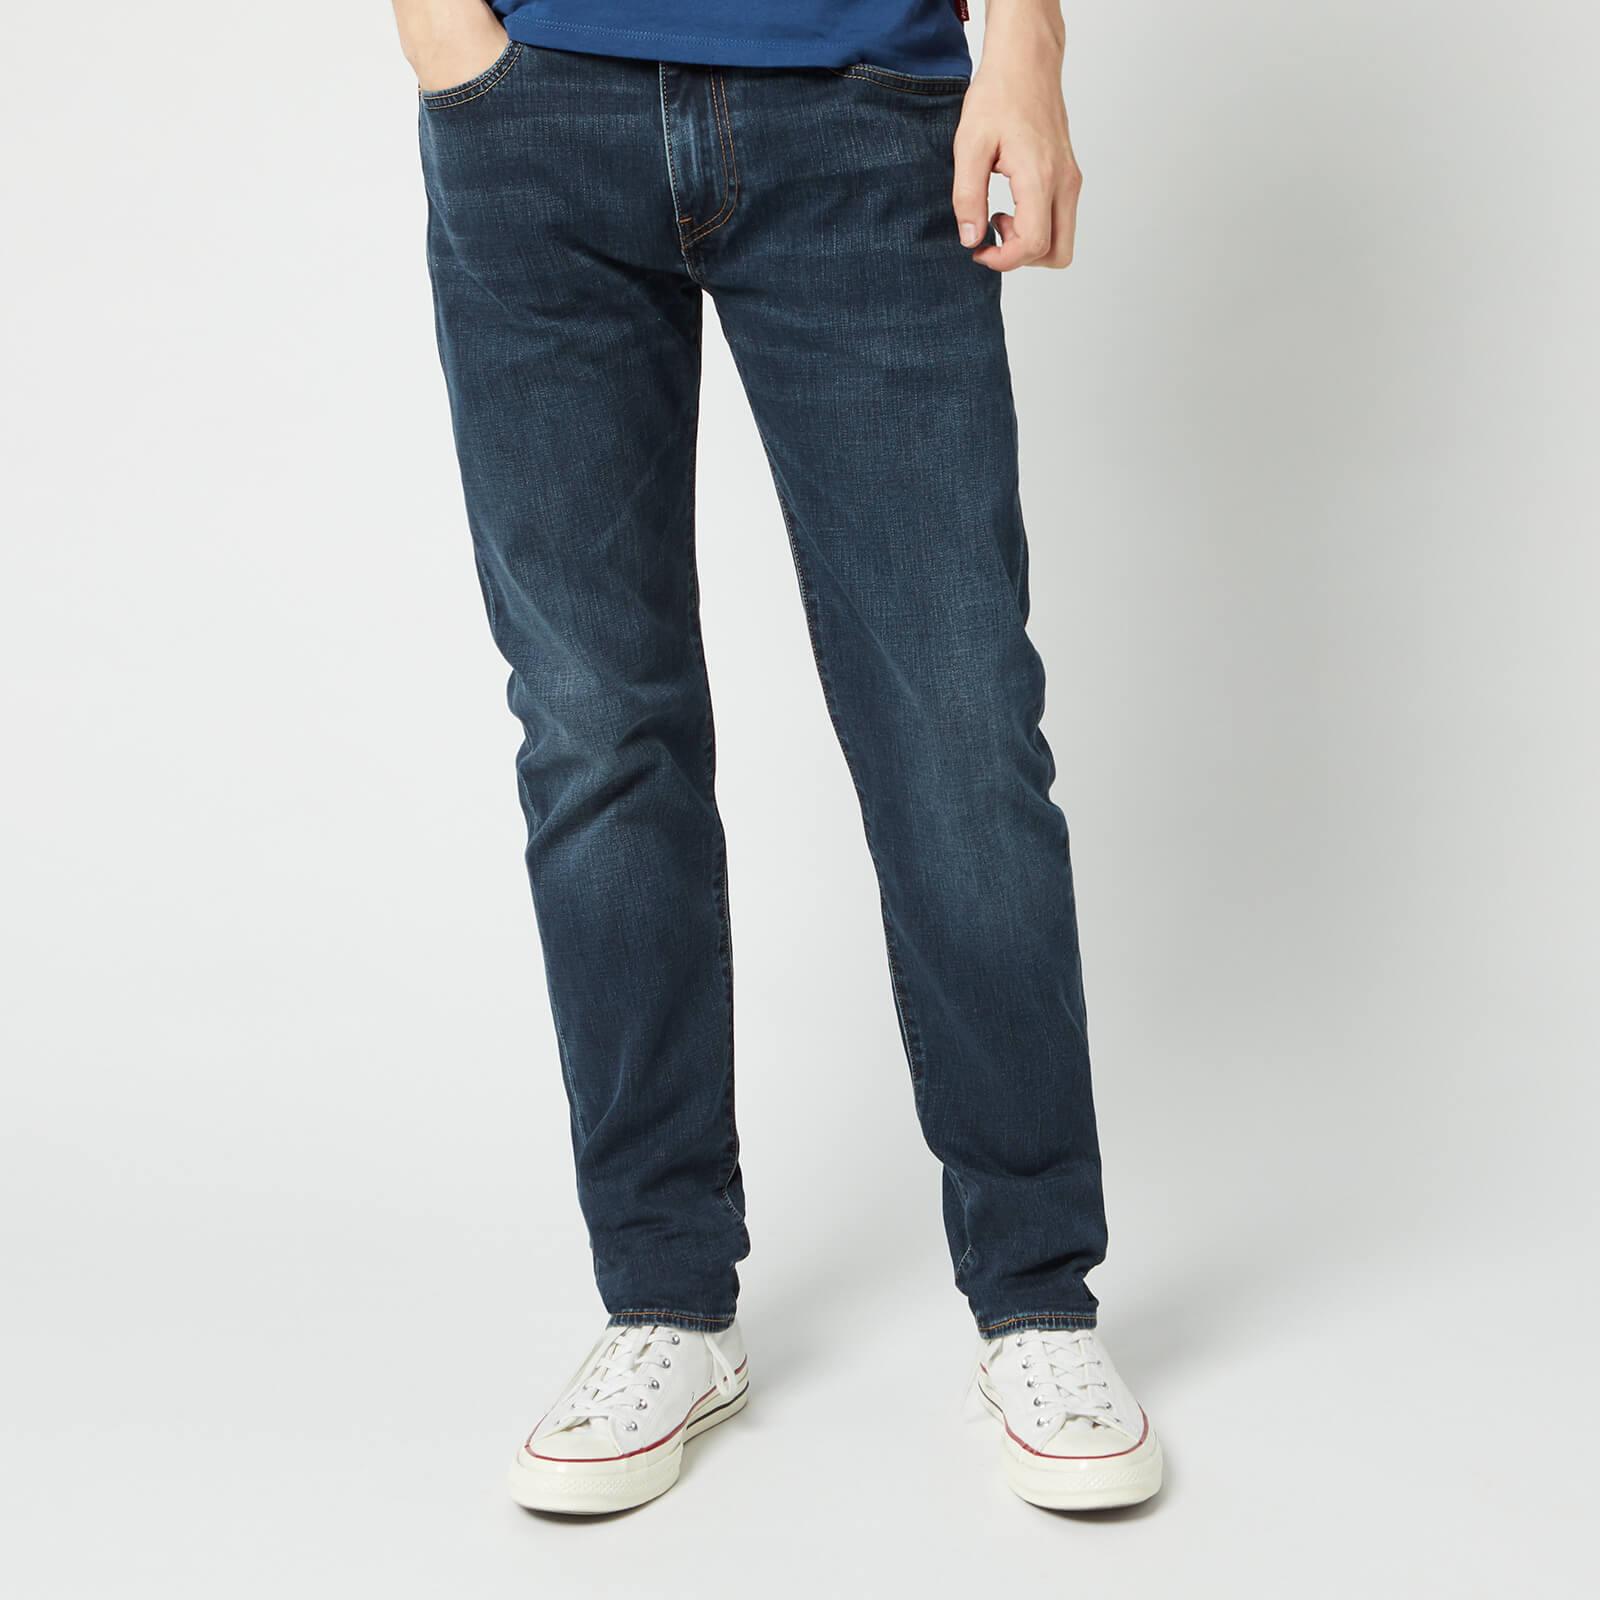 Levi's s 502 Regular Tapered Jeans - Adriatic Adapt - W32/L34 - Blue